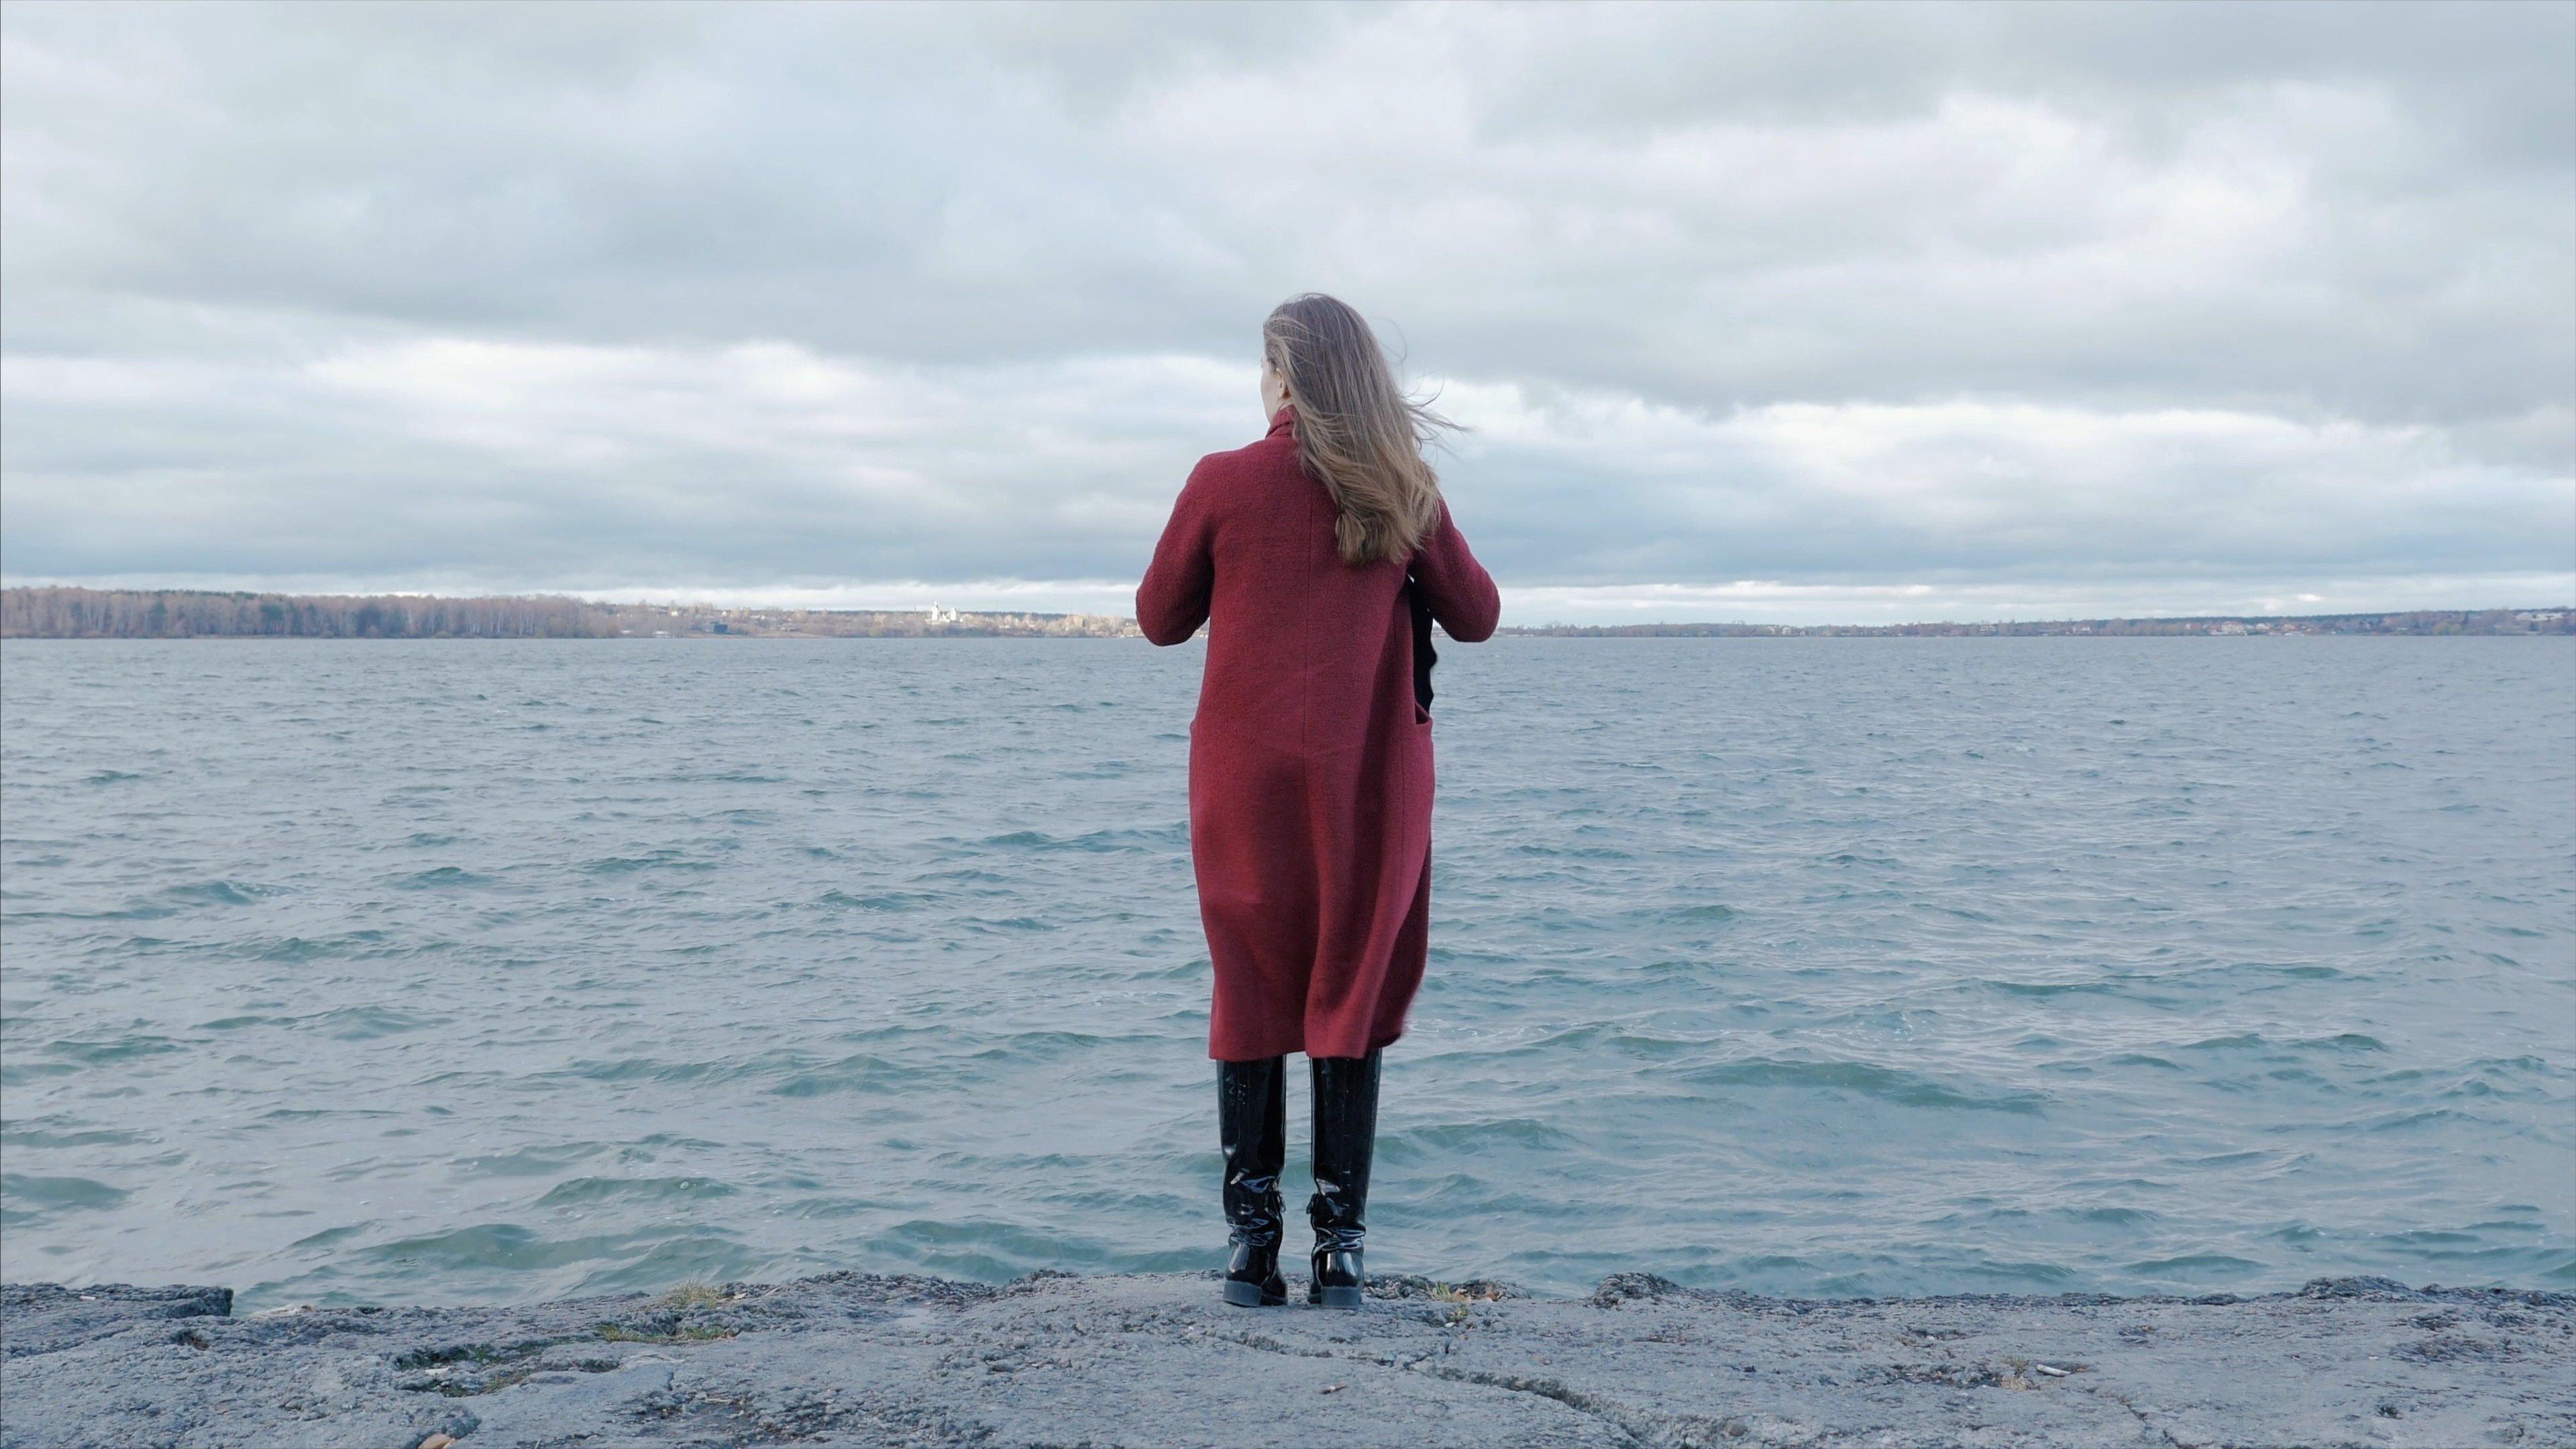 Frau am Wasser | Quelle: Shutterstock